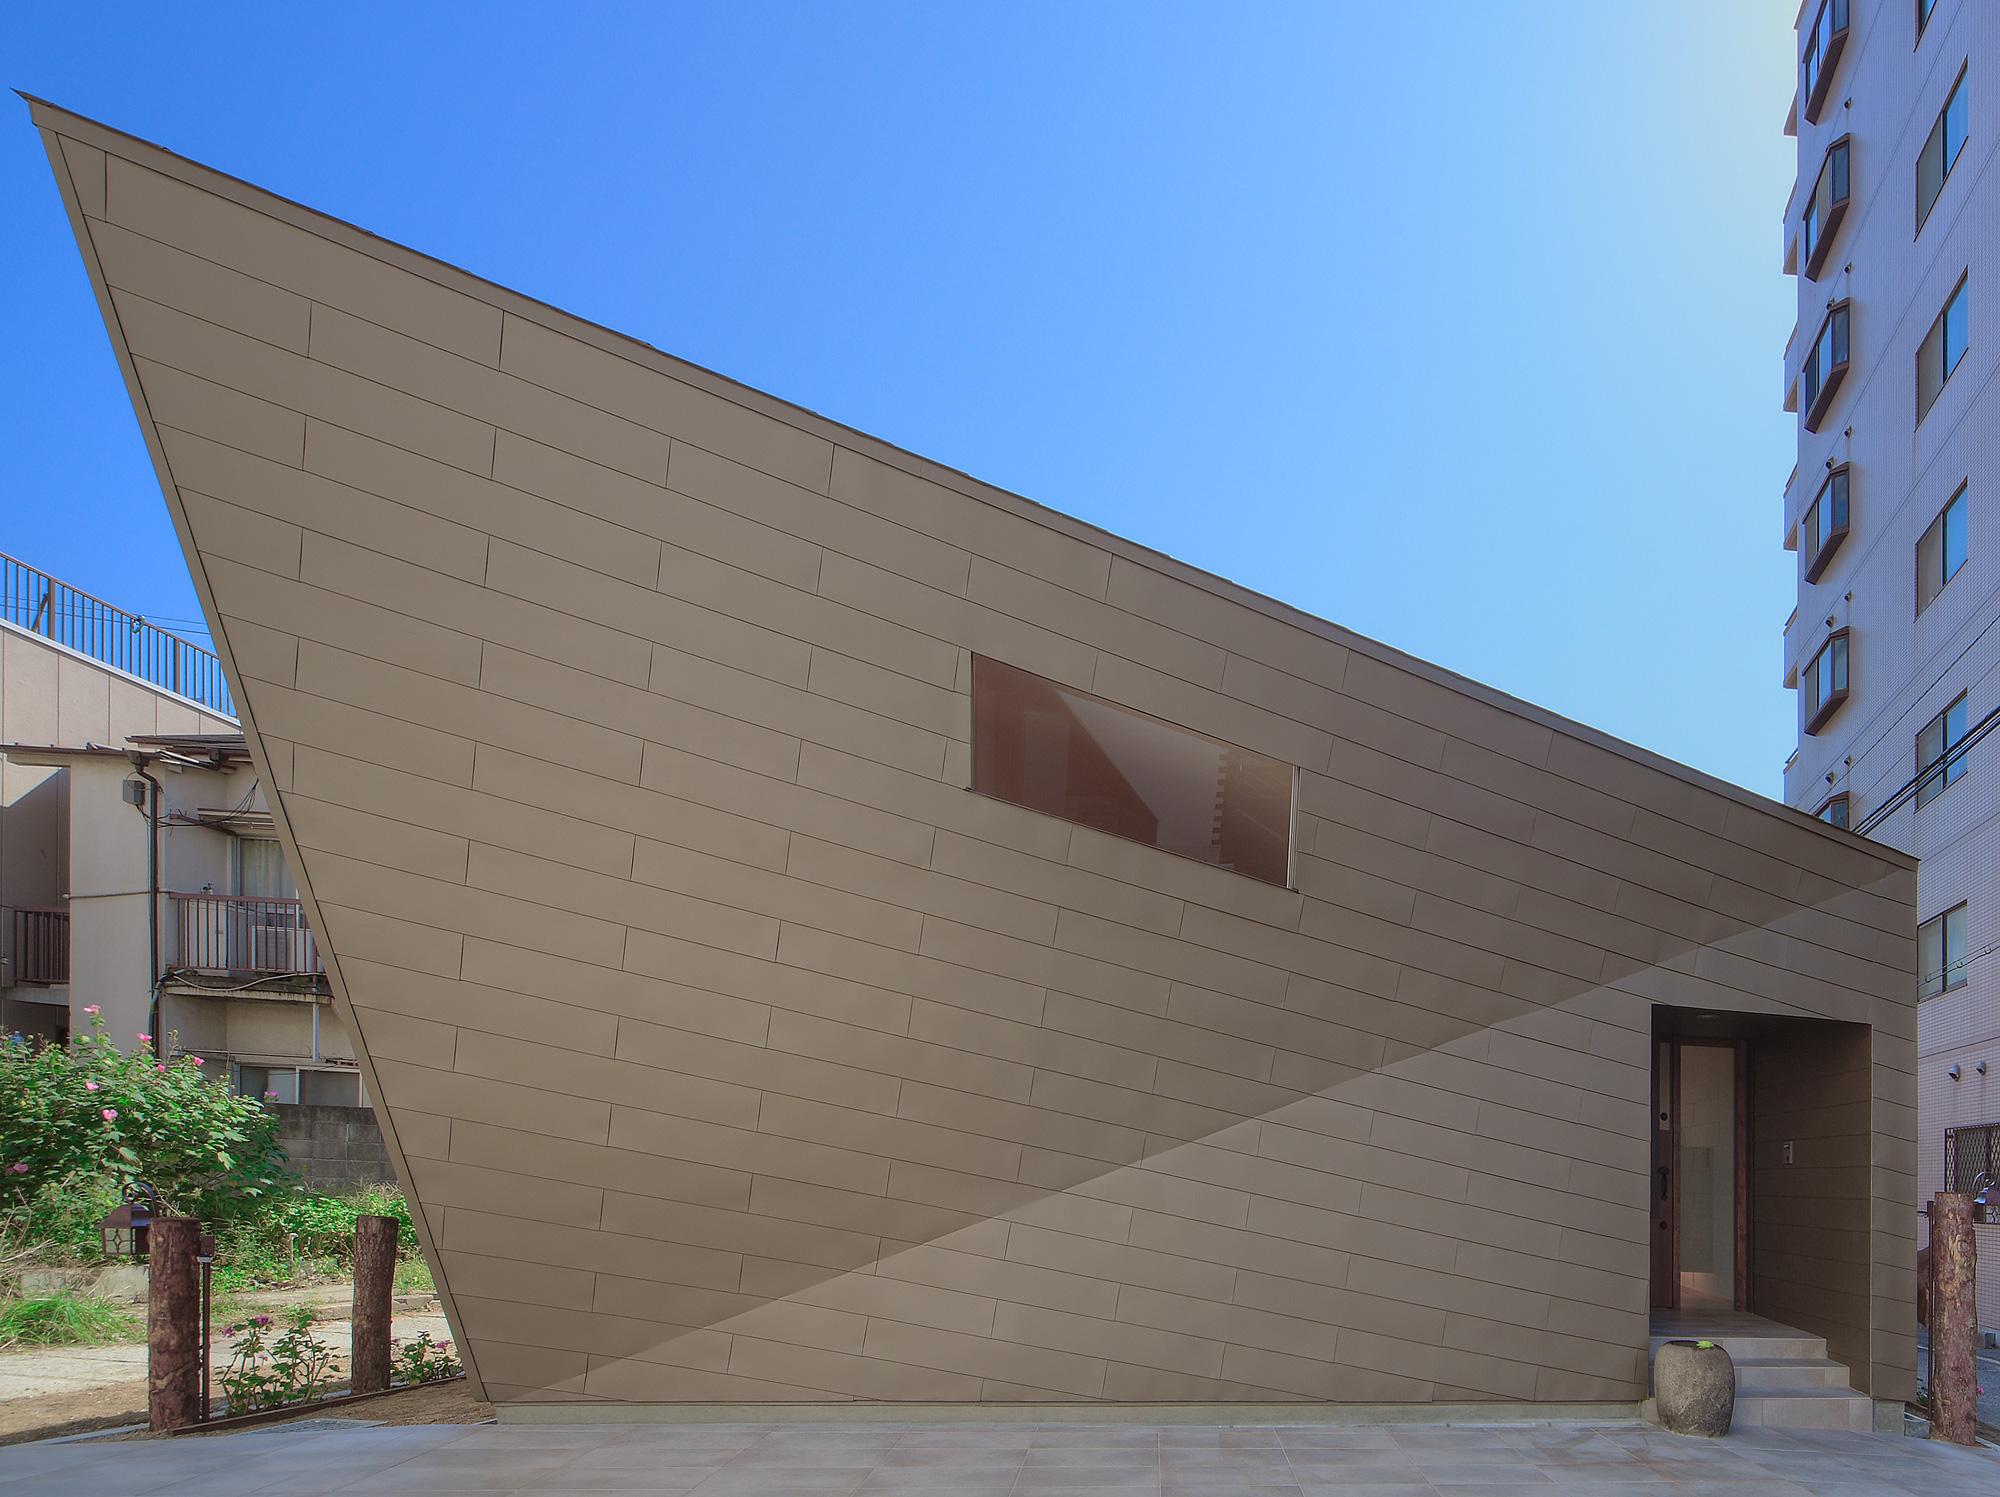 北面外観2: 屋根・壁はおりがみのように平面だけで構成されています